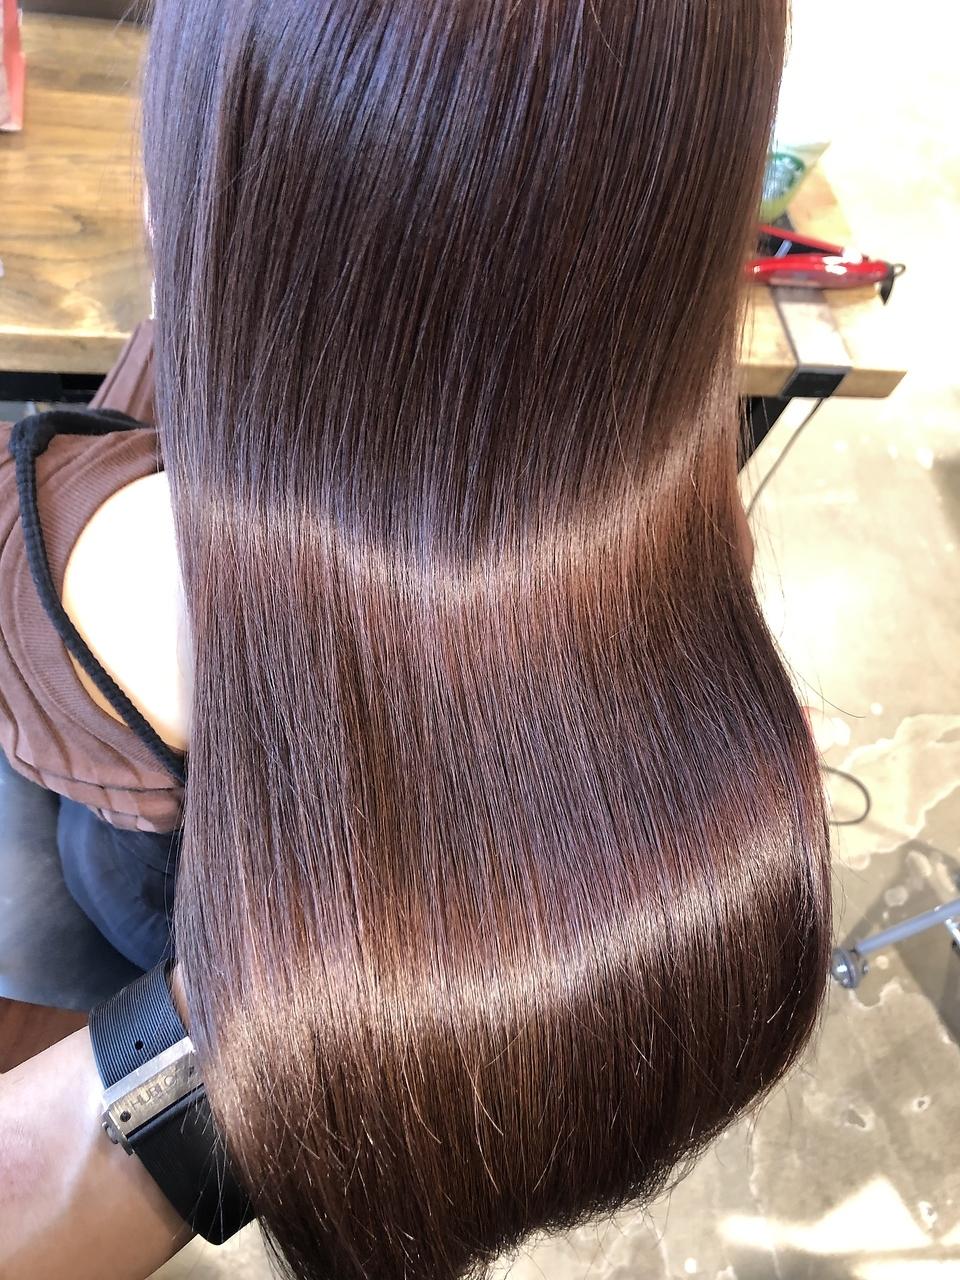 髪の修復・補正、髪質改善はGARDENの「酸熱トリートメント」がオススメ◎